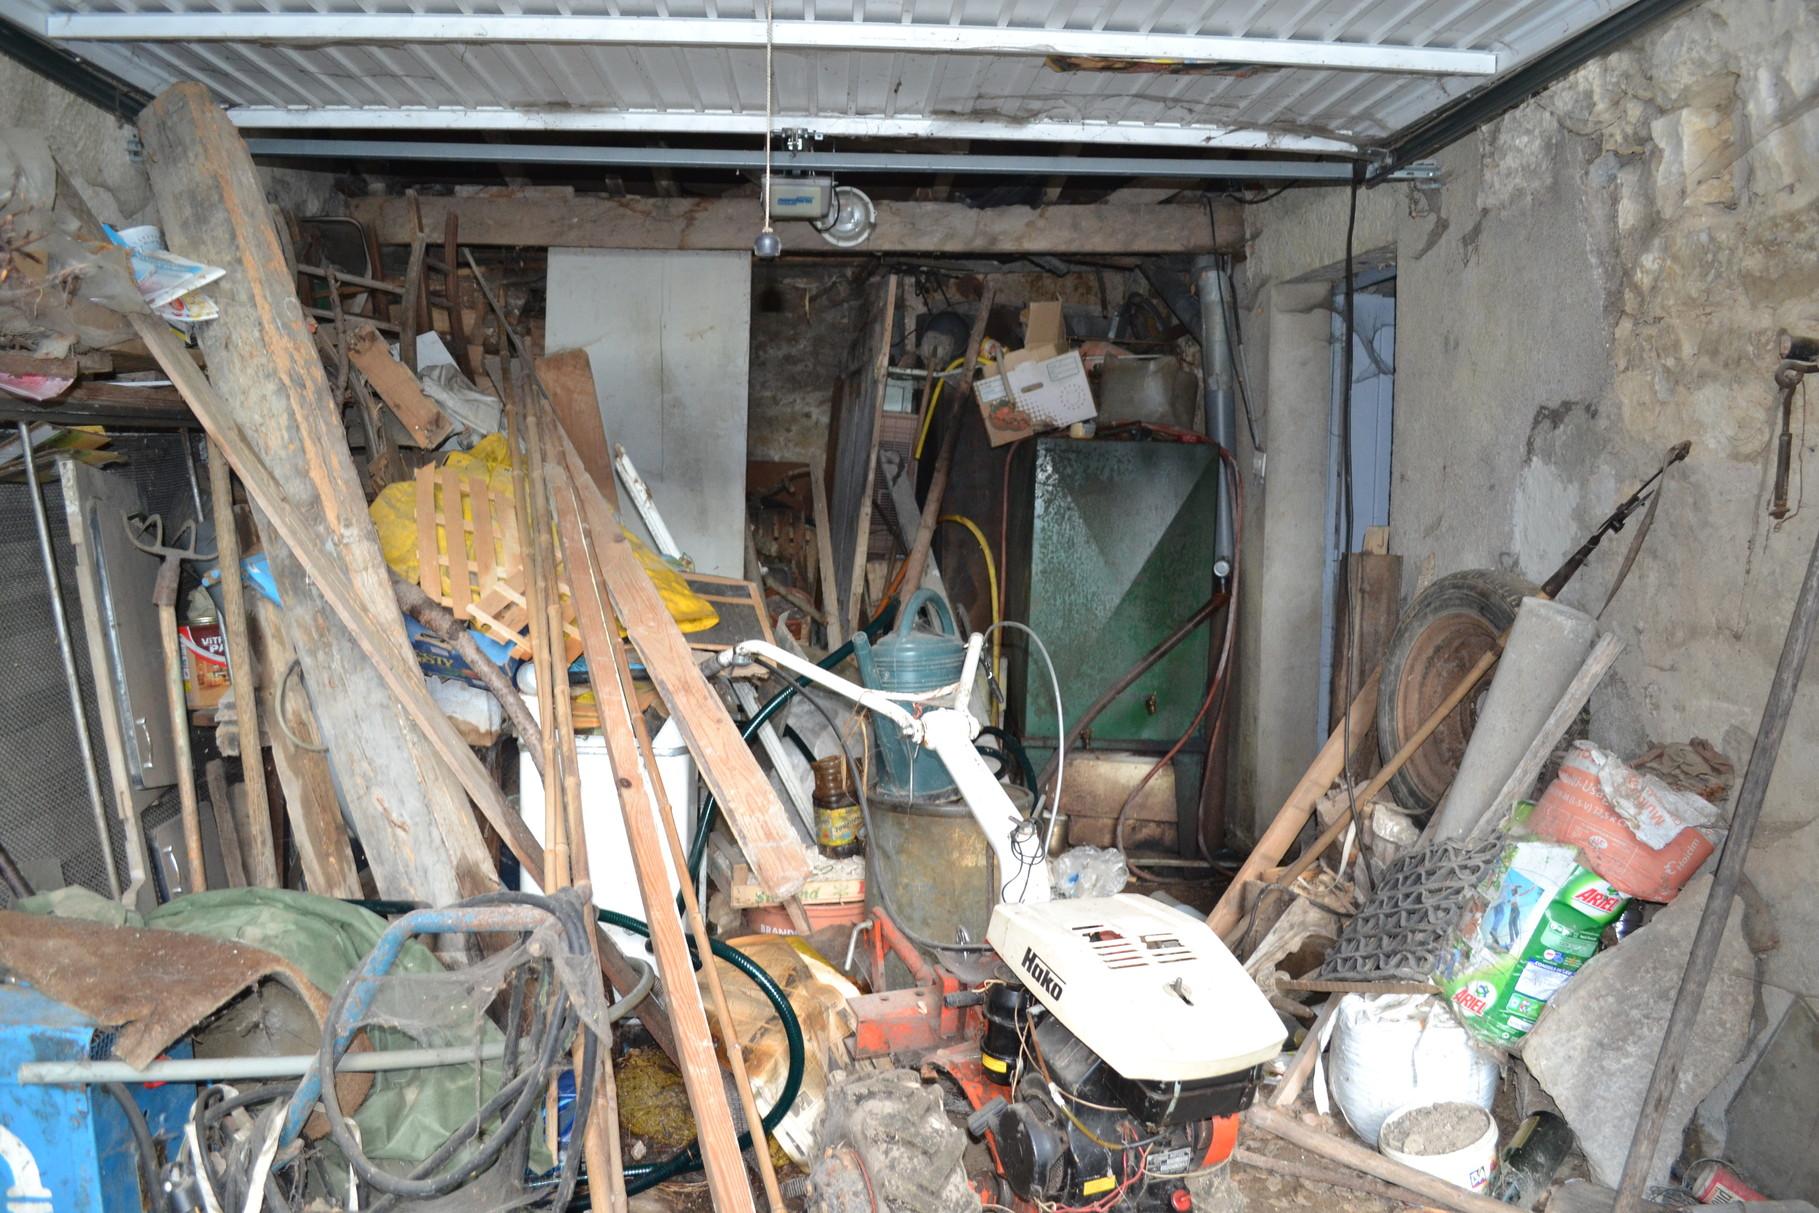 débarras d'un garage à Besançon, doubs, 25, AVANT INTERVENTION....... entreprise AHLEN